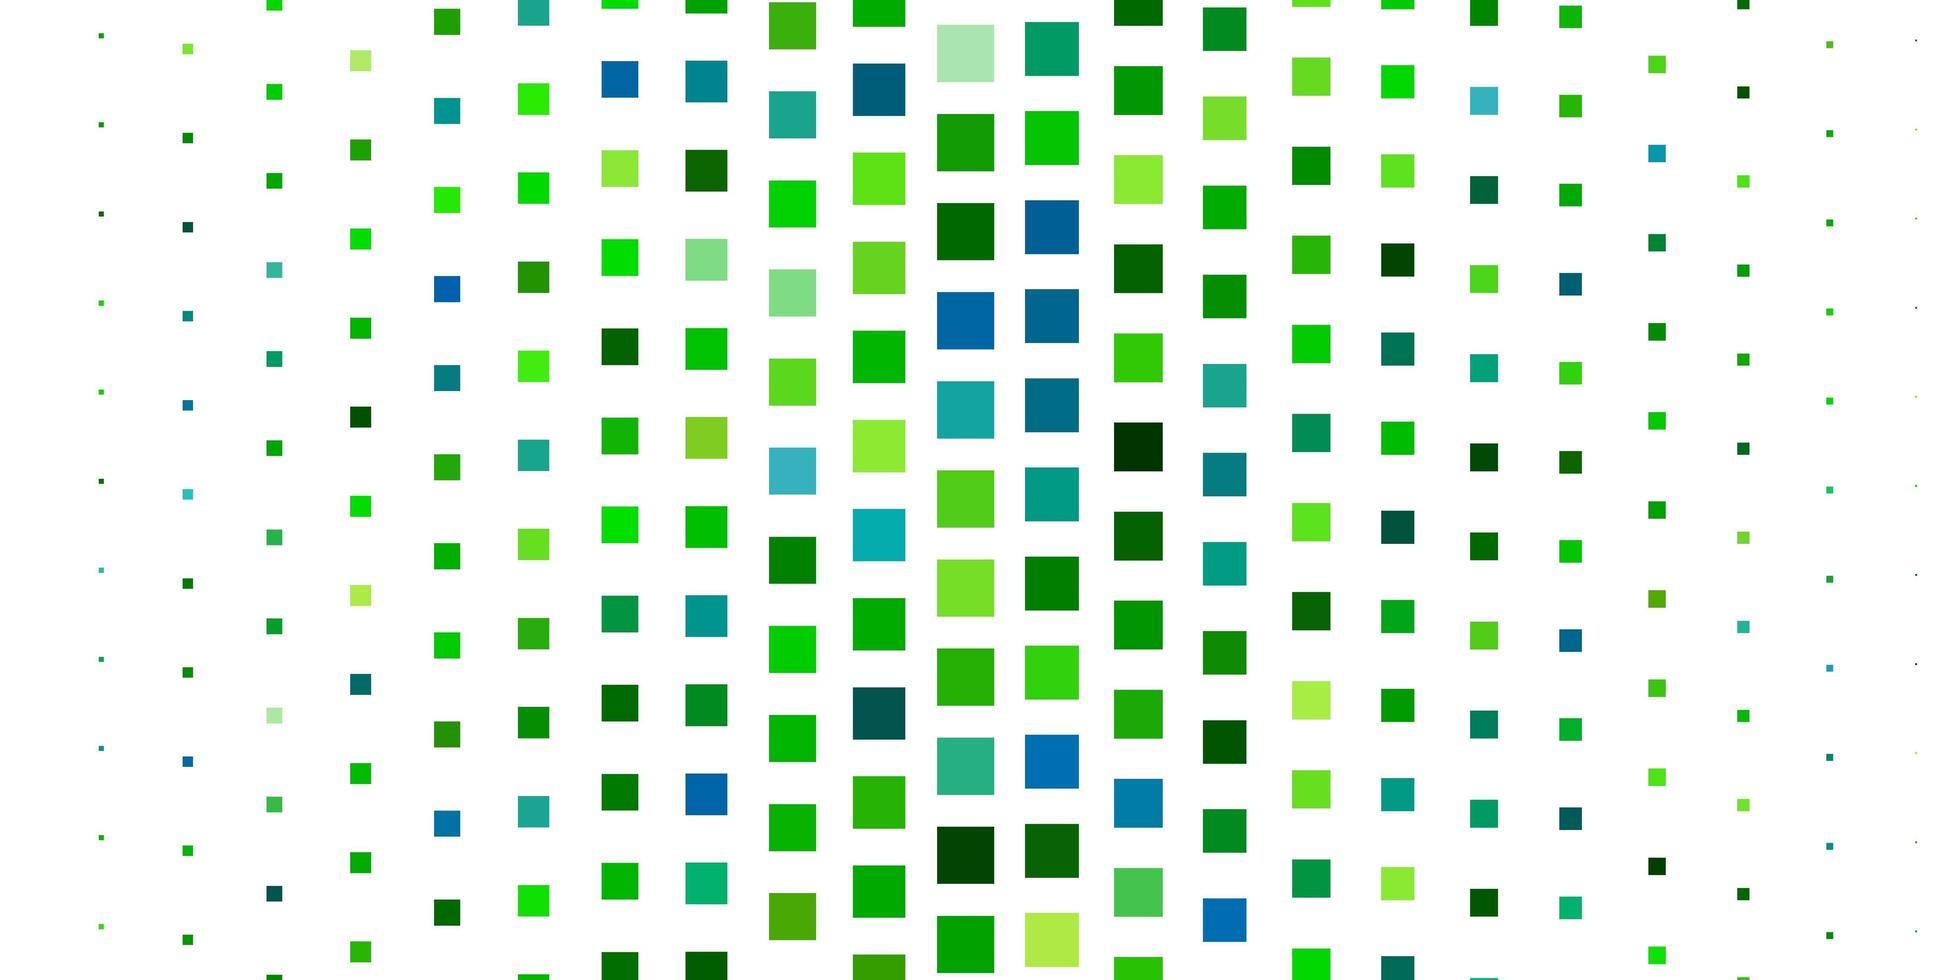 grön layout med linjer, rektanglar. vektor